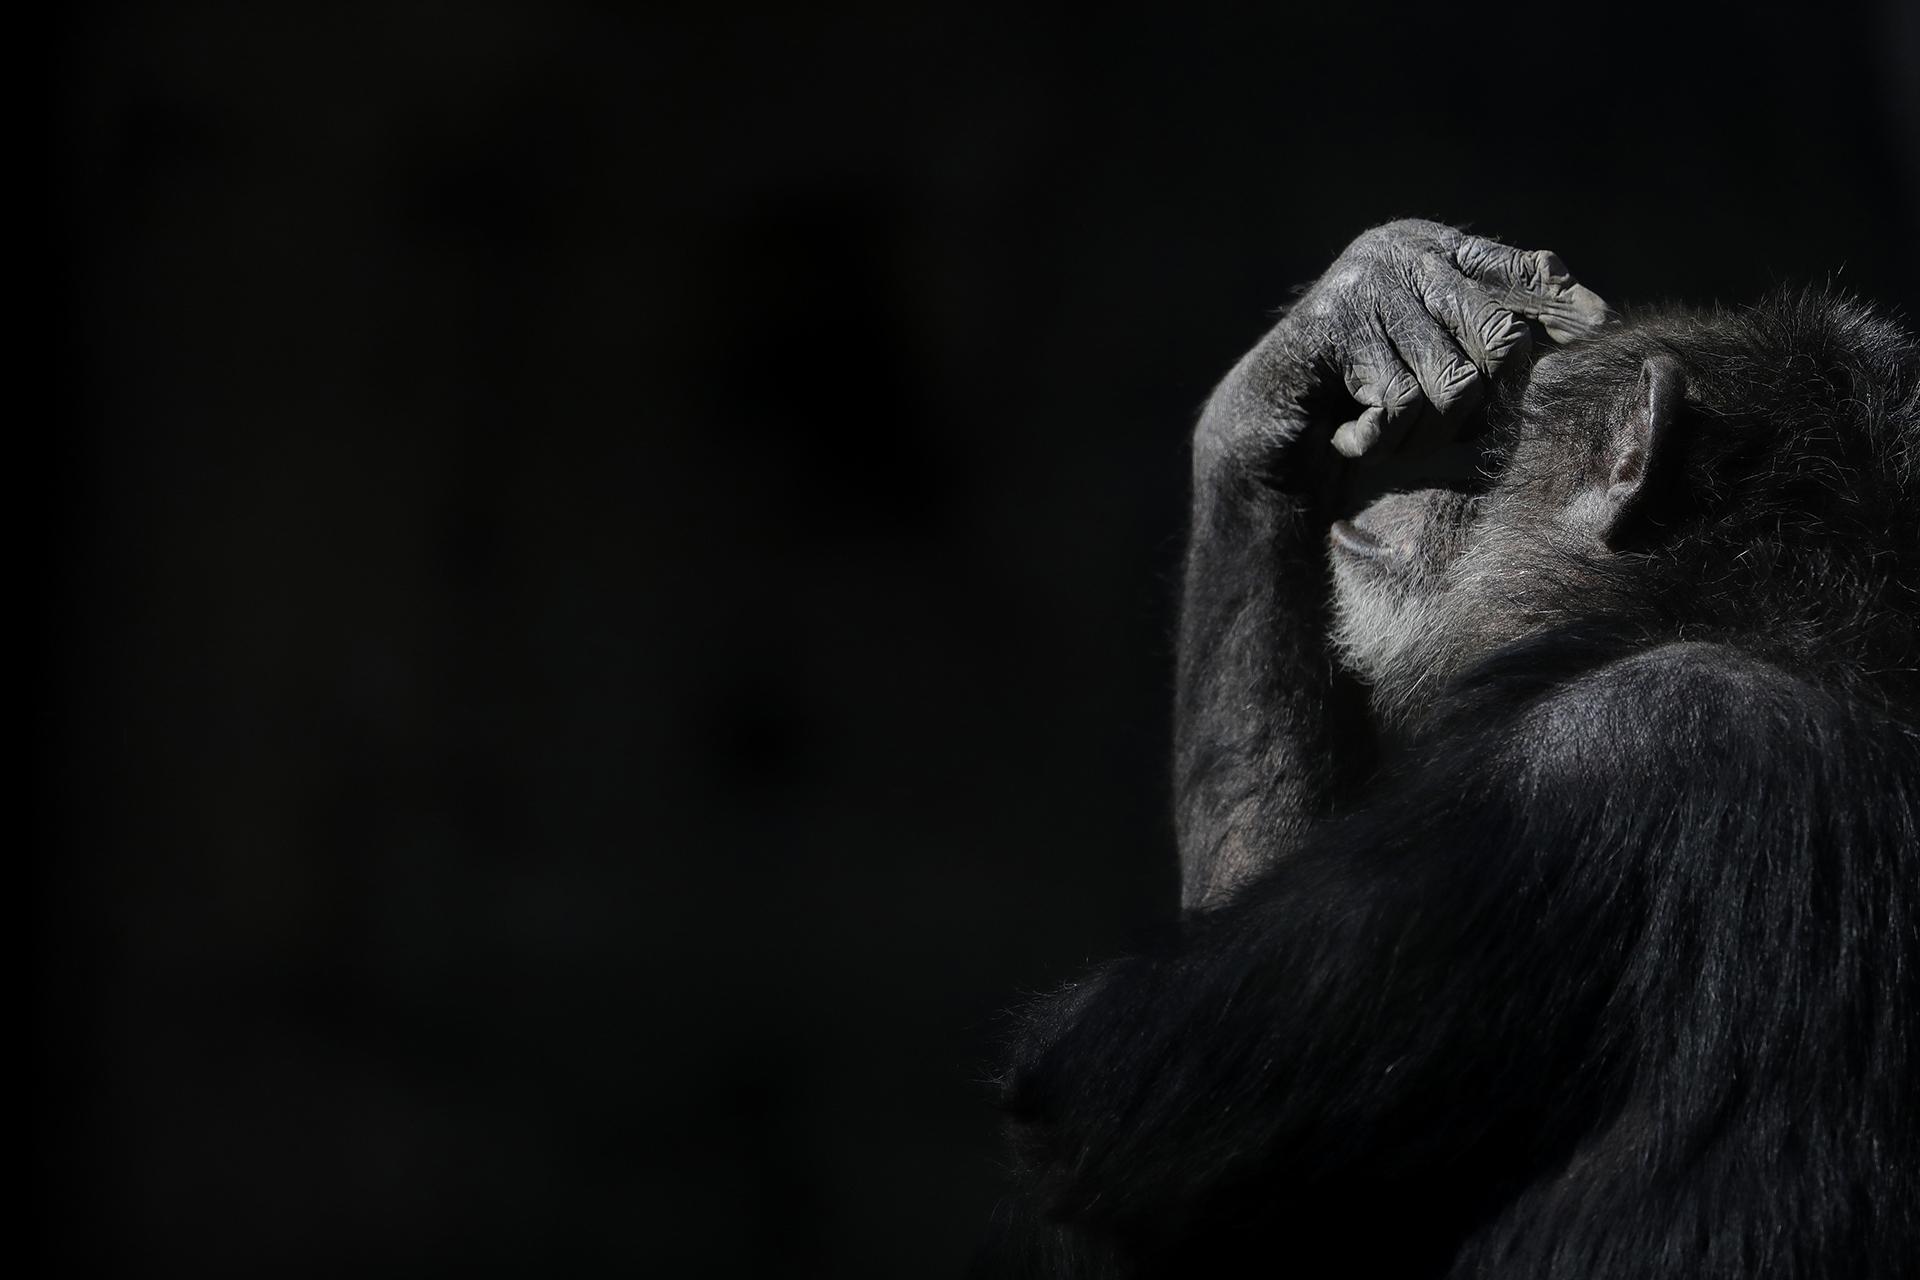 Un chimpancé con la mano en los ojos